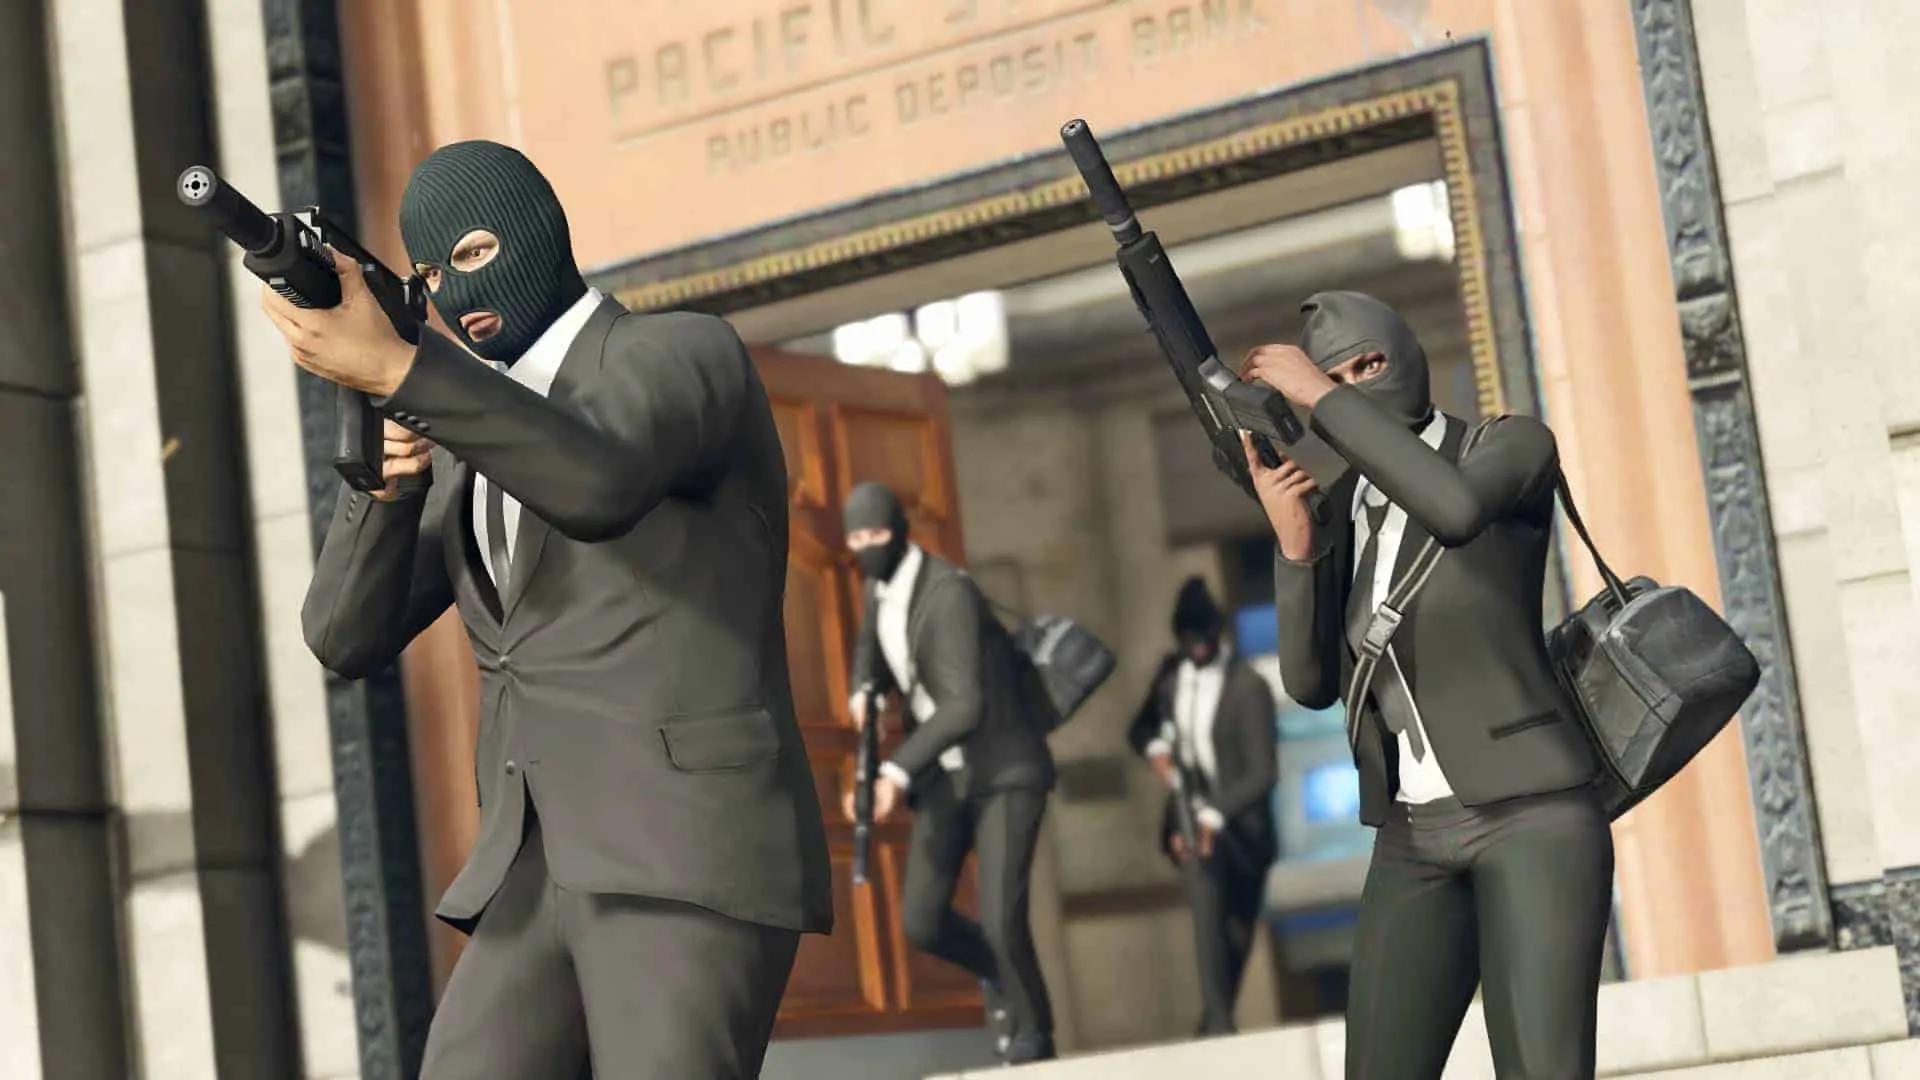 GTA-Online-heists-new-screenshot-11